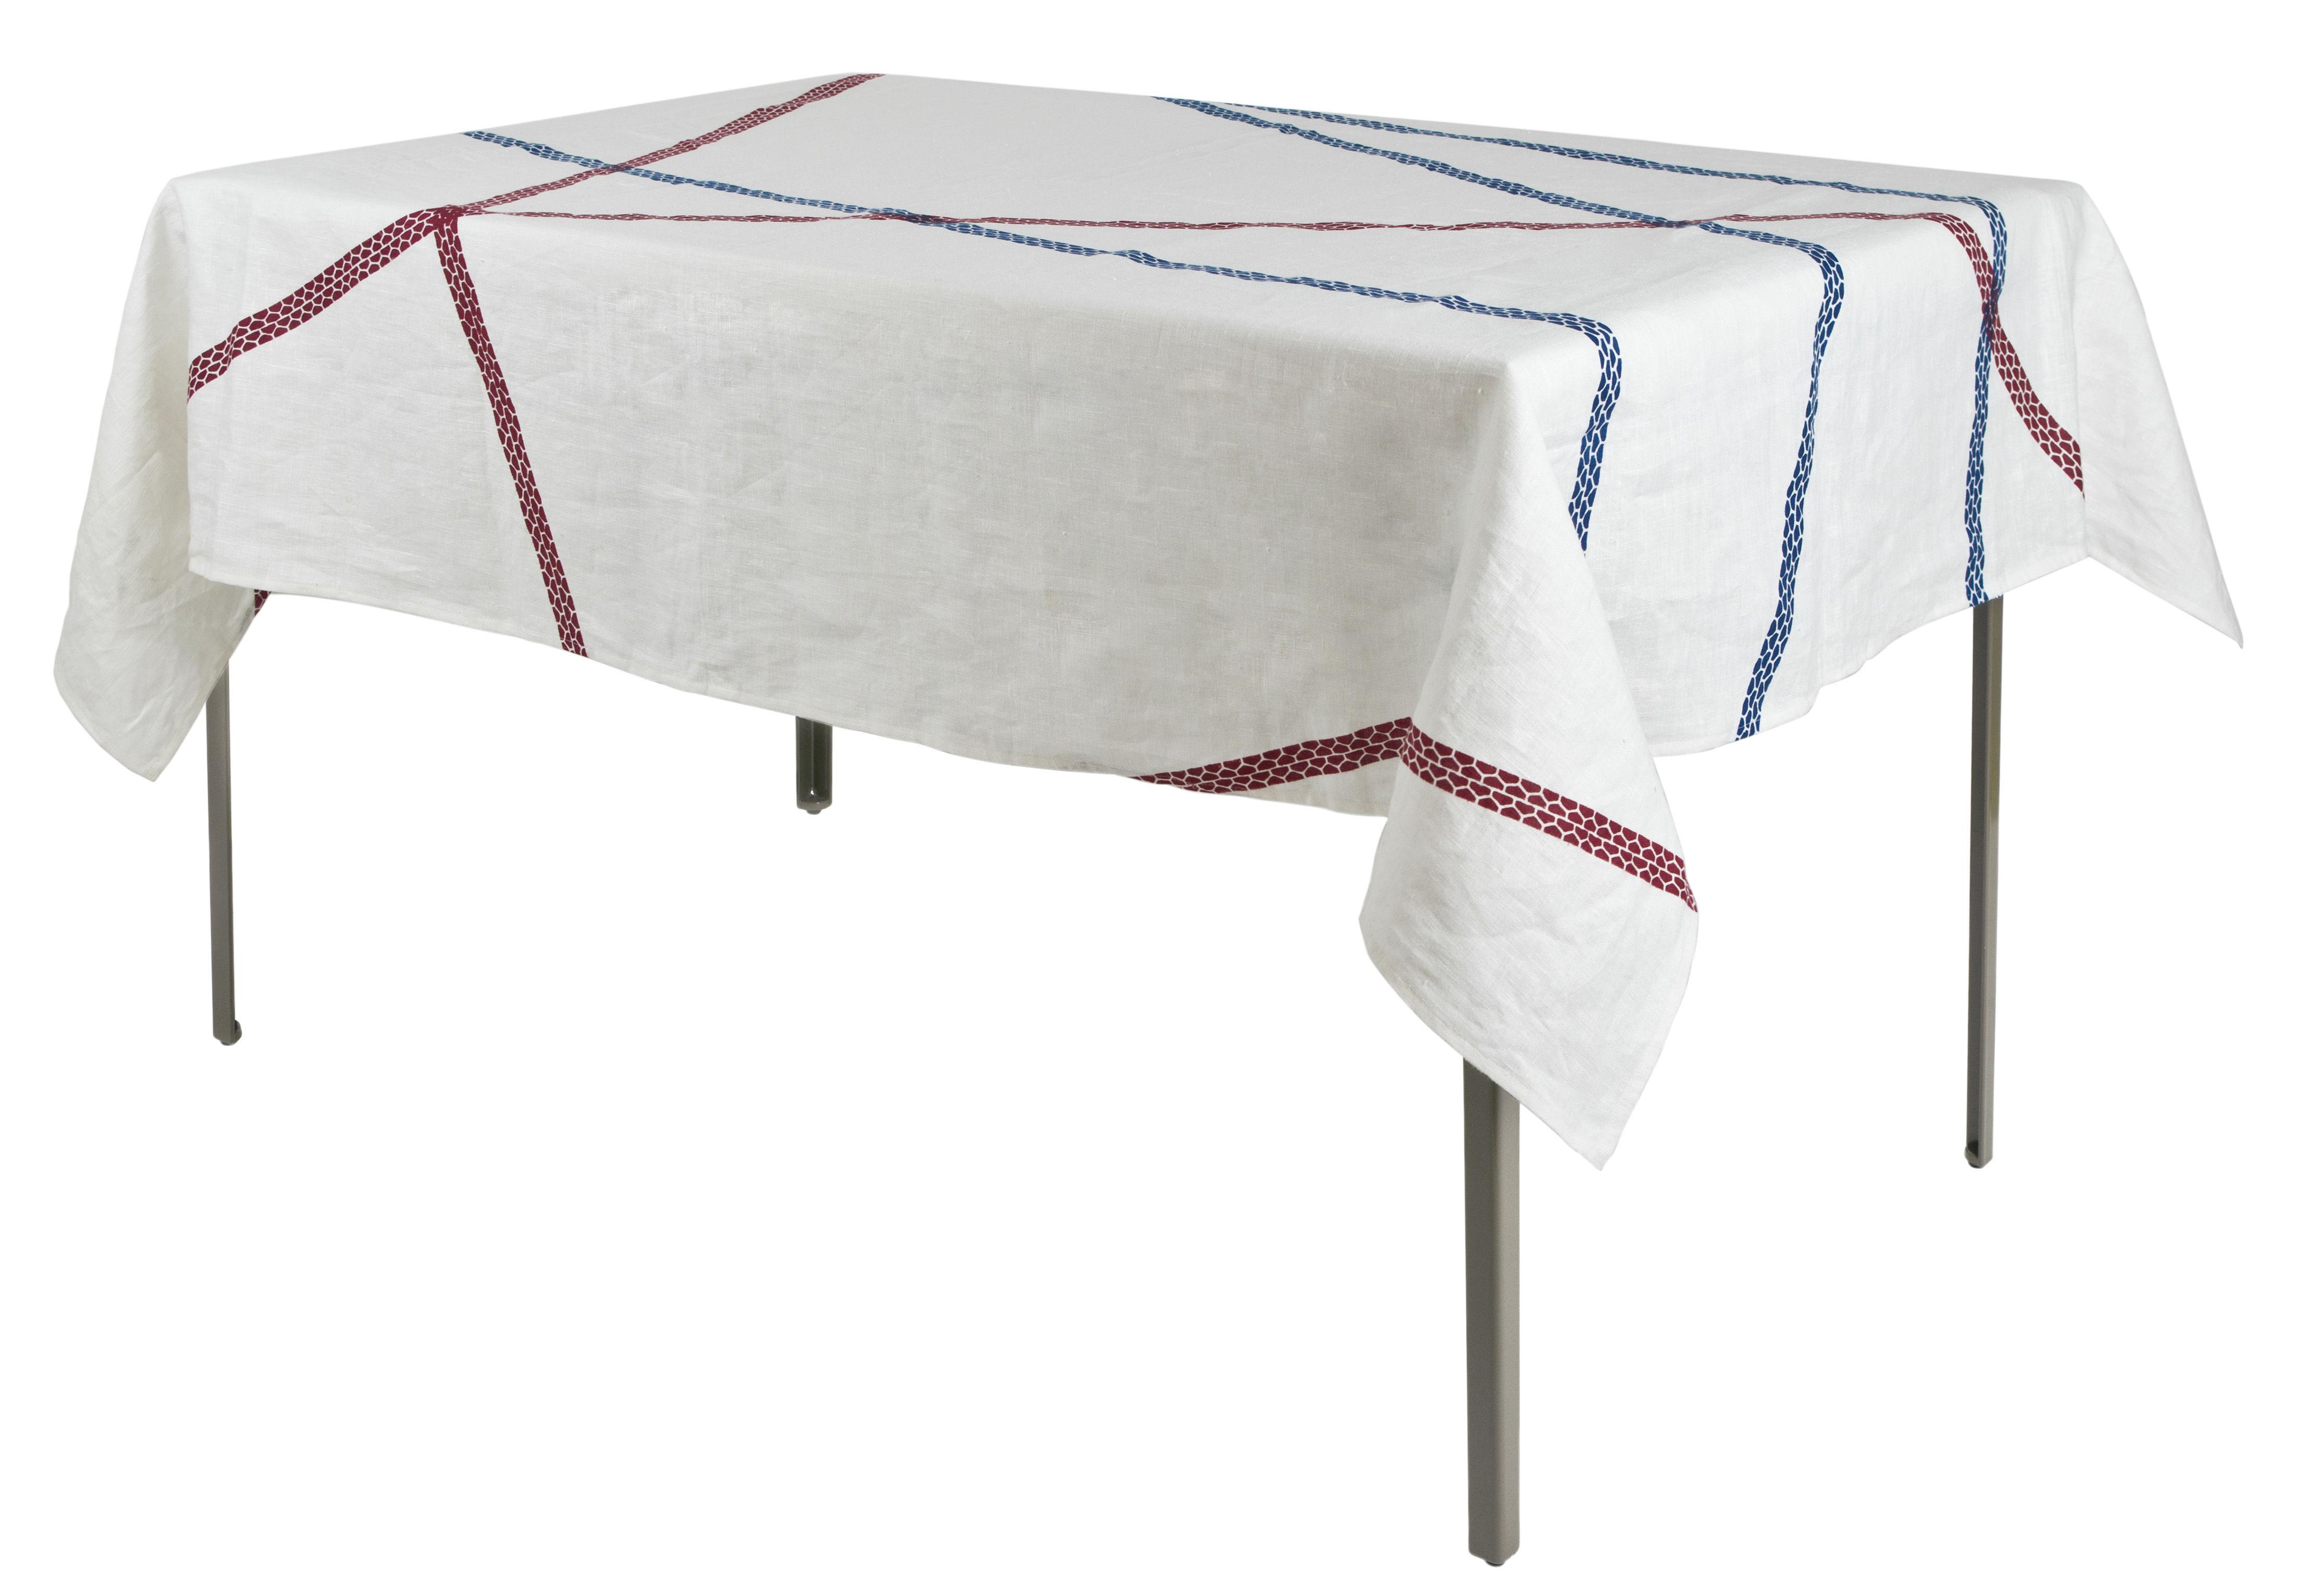 Arts de la table - Nappes, serviettes et sets - Nappe en tissu Lugo / 180 x 140 cm - Internoitaliano - Bleu & Rouge - Pur lin